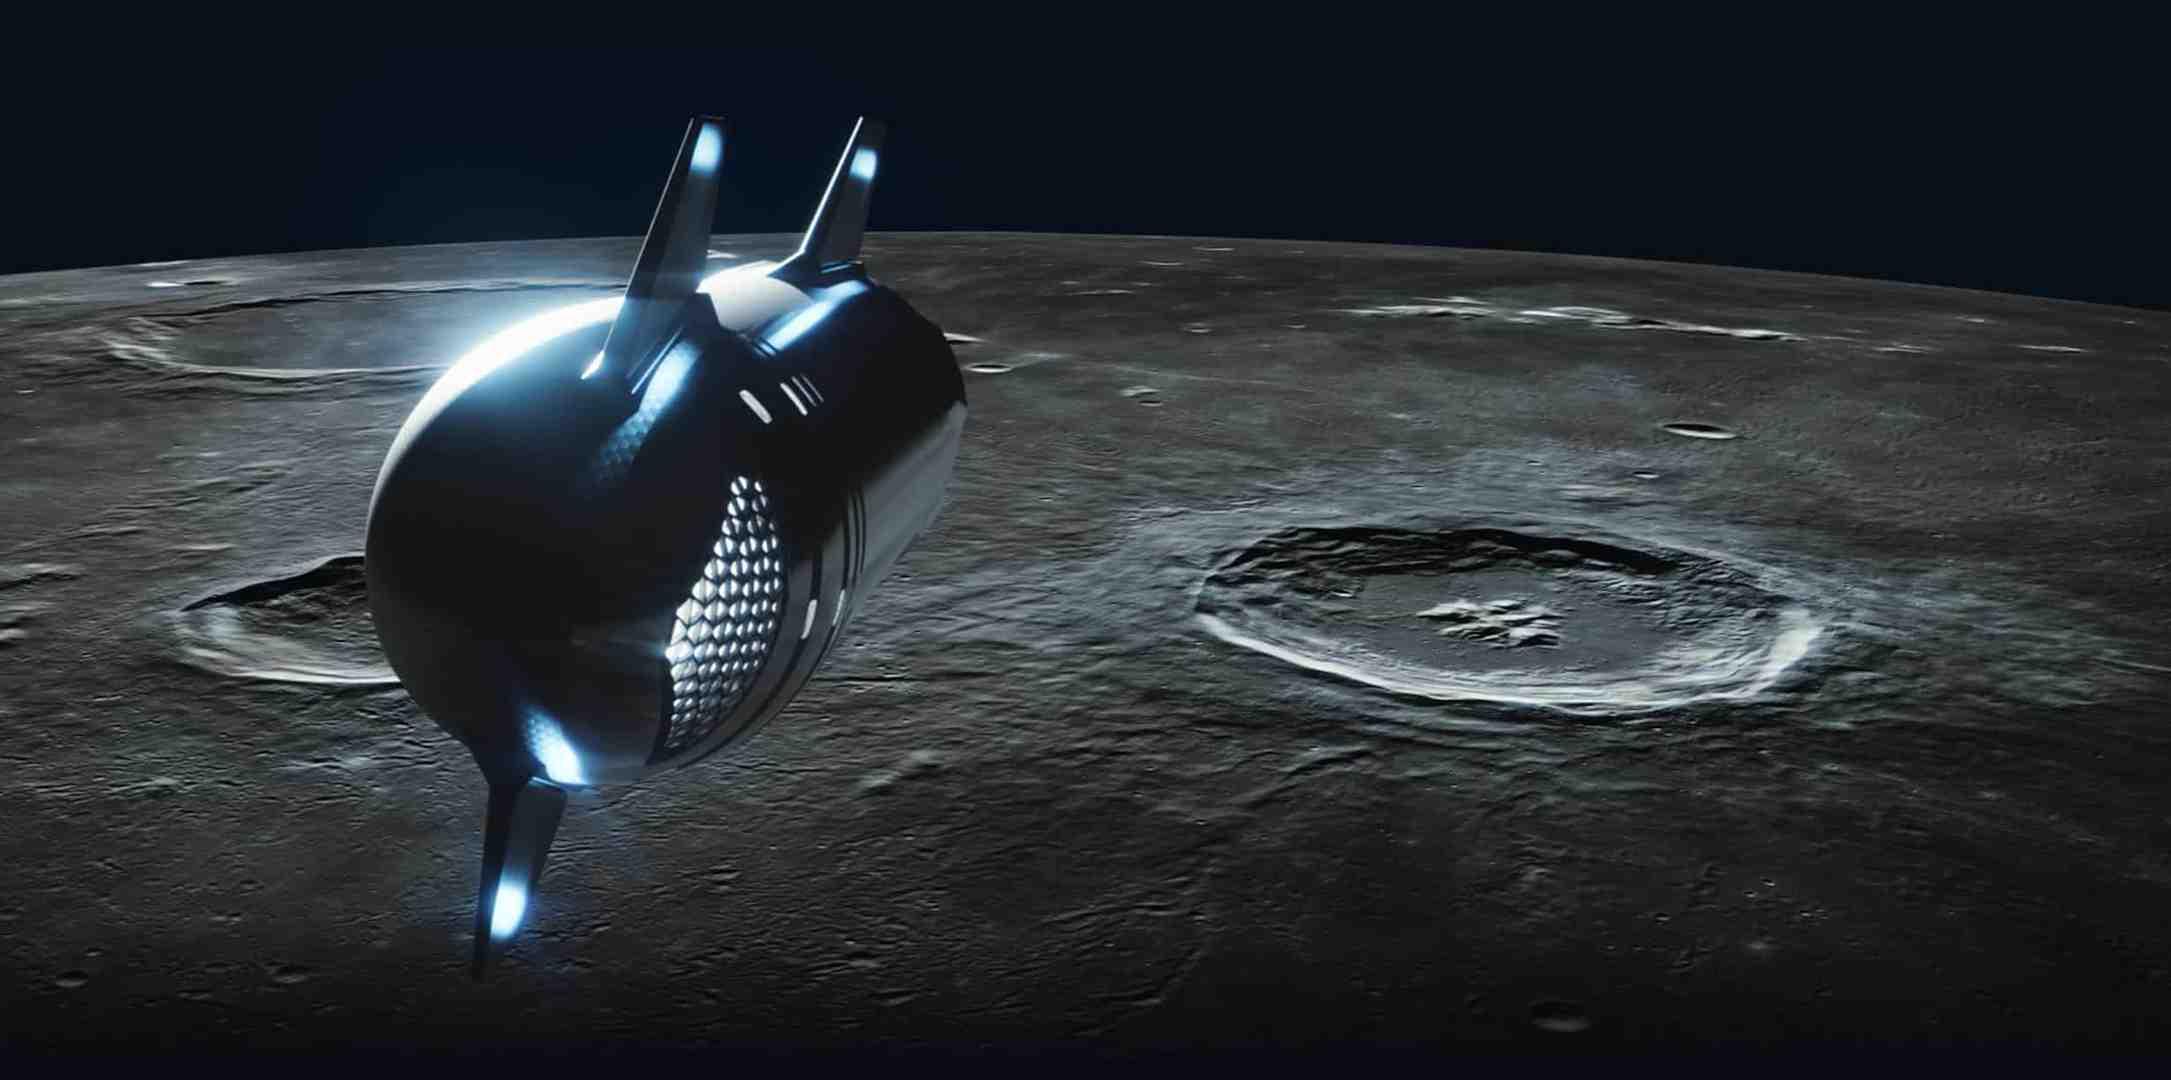 Un empresario multimillonario japonés ofrece la oportunidad de que 8 personas viajen a la luna